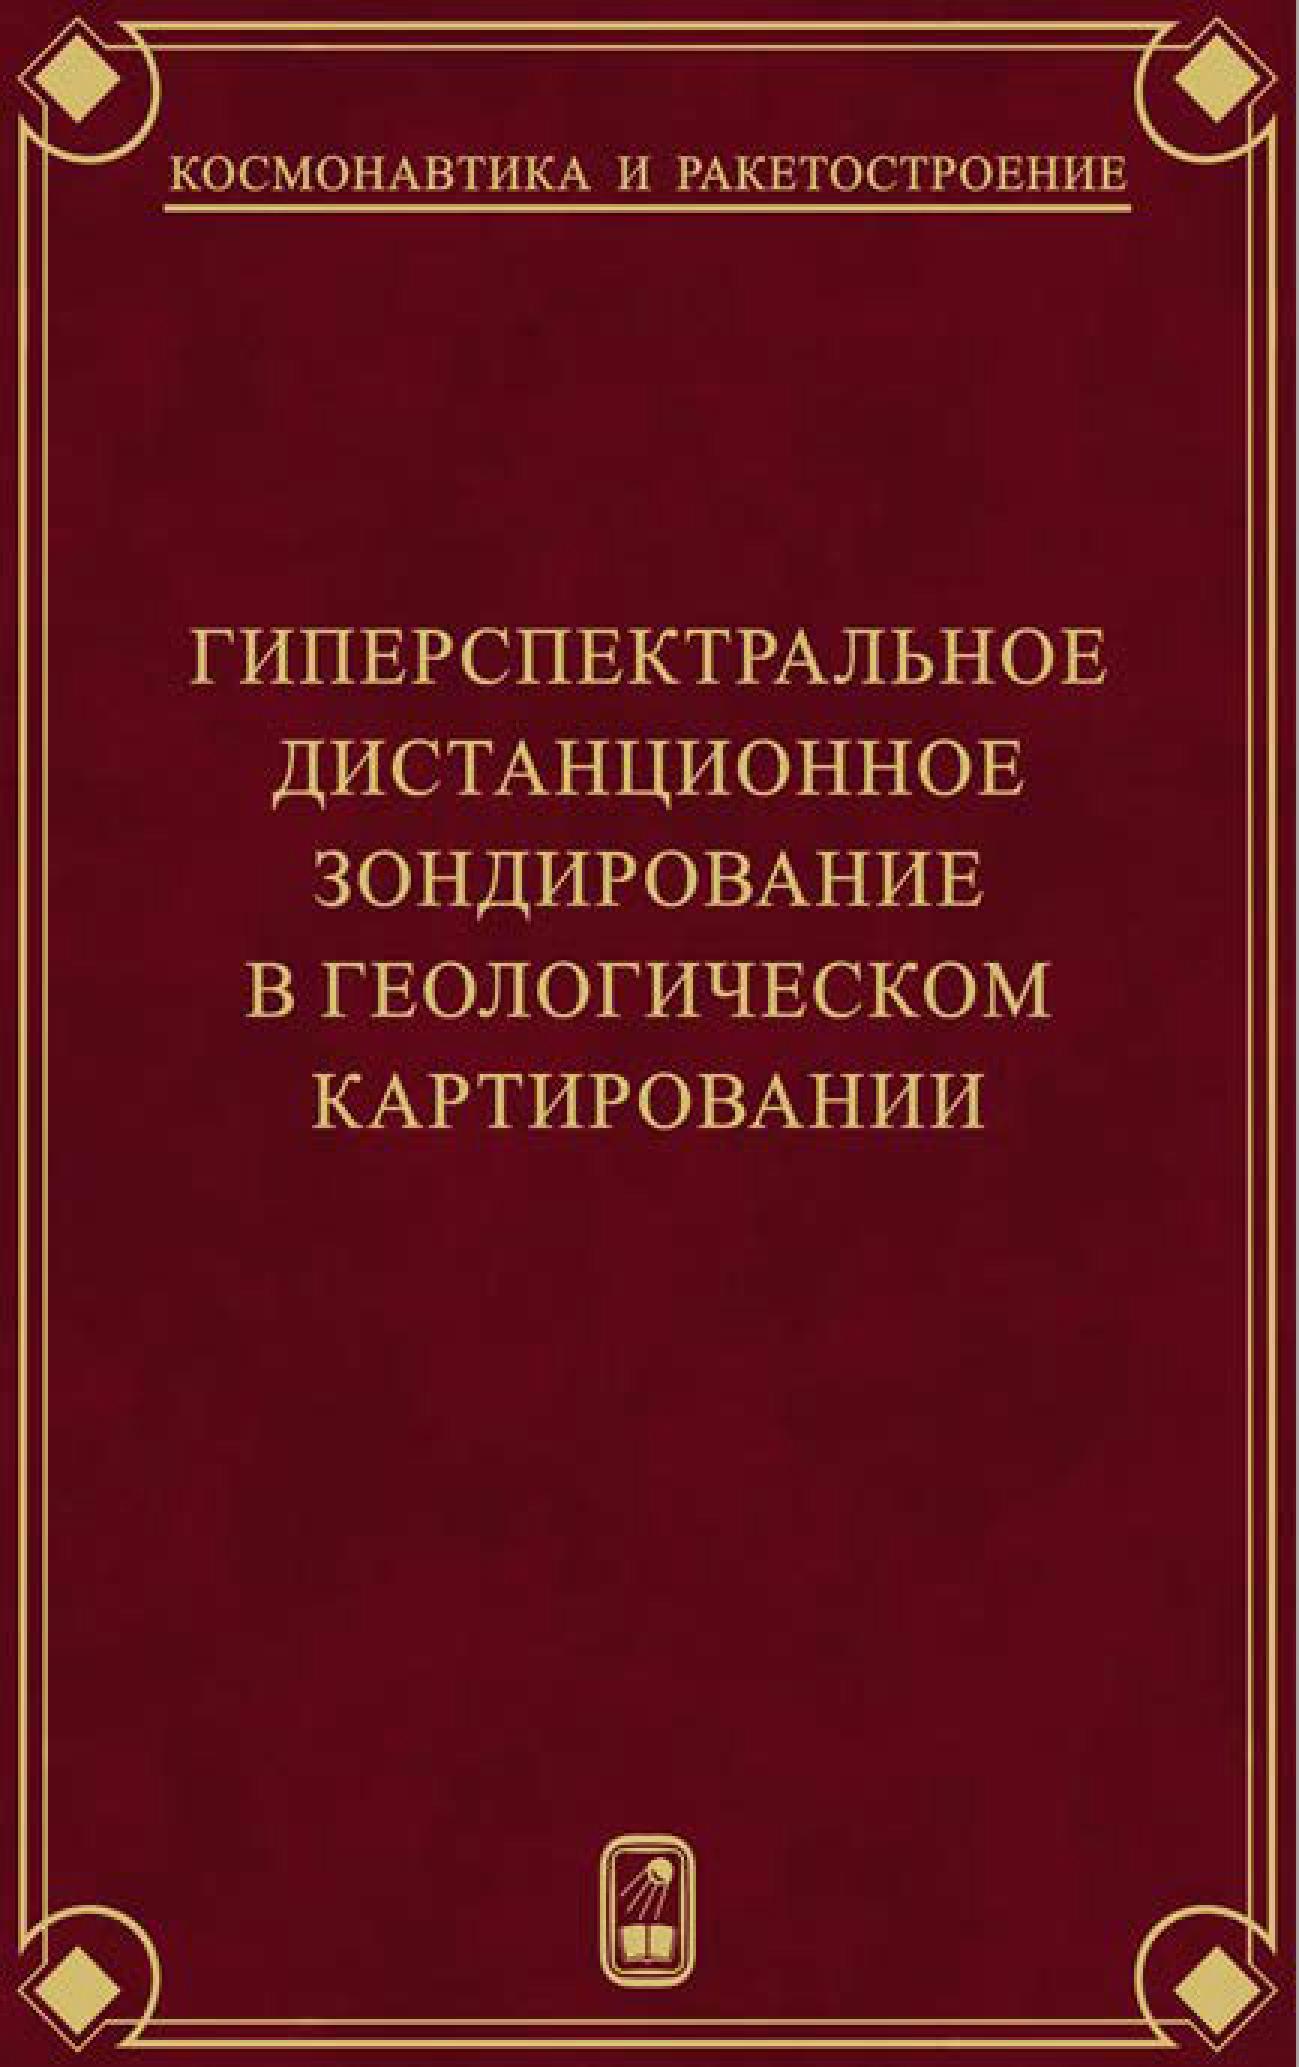 Владимир Леонидович Щербаков Гиперспектральное дистанционное зондирование в геологическом картировании